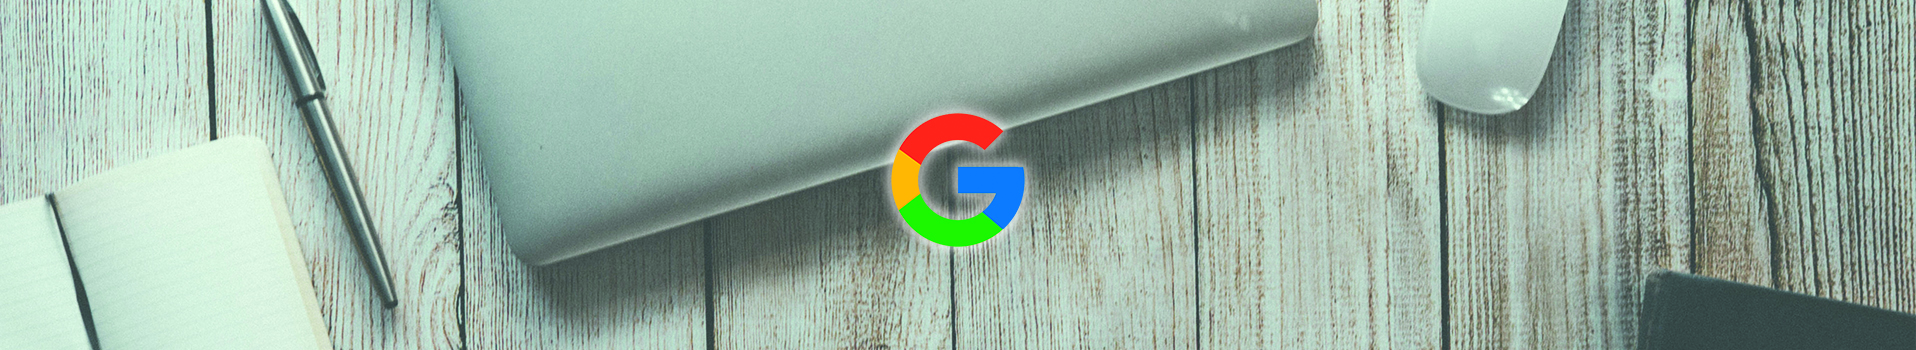 Slide-google